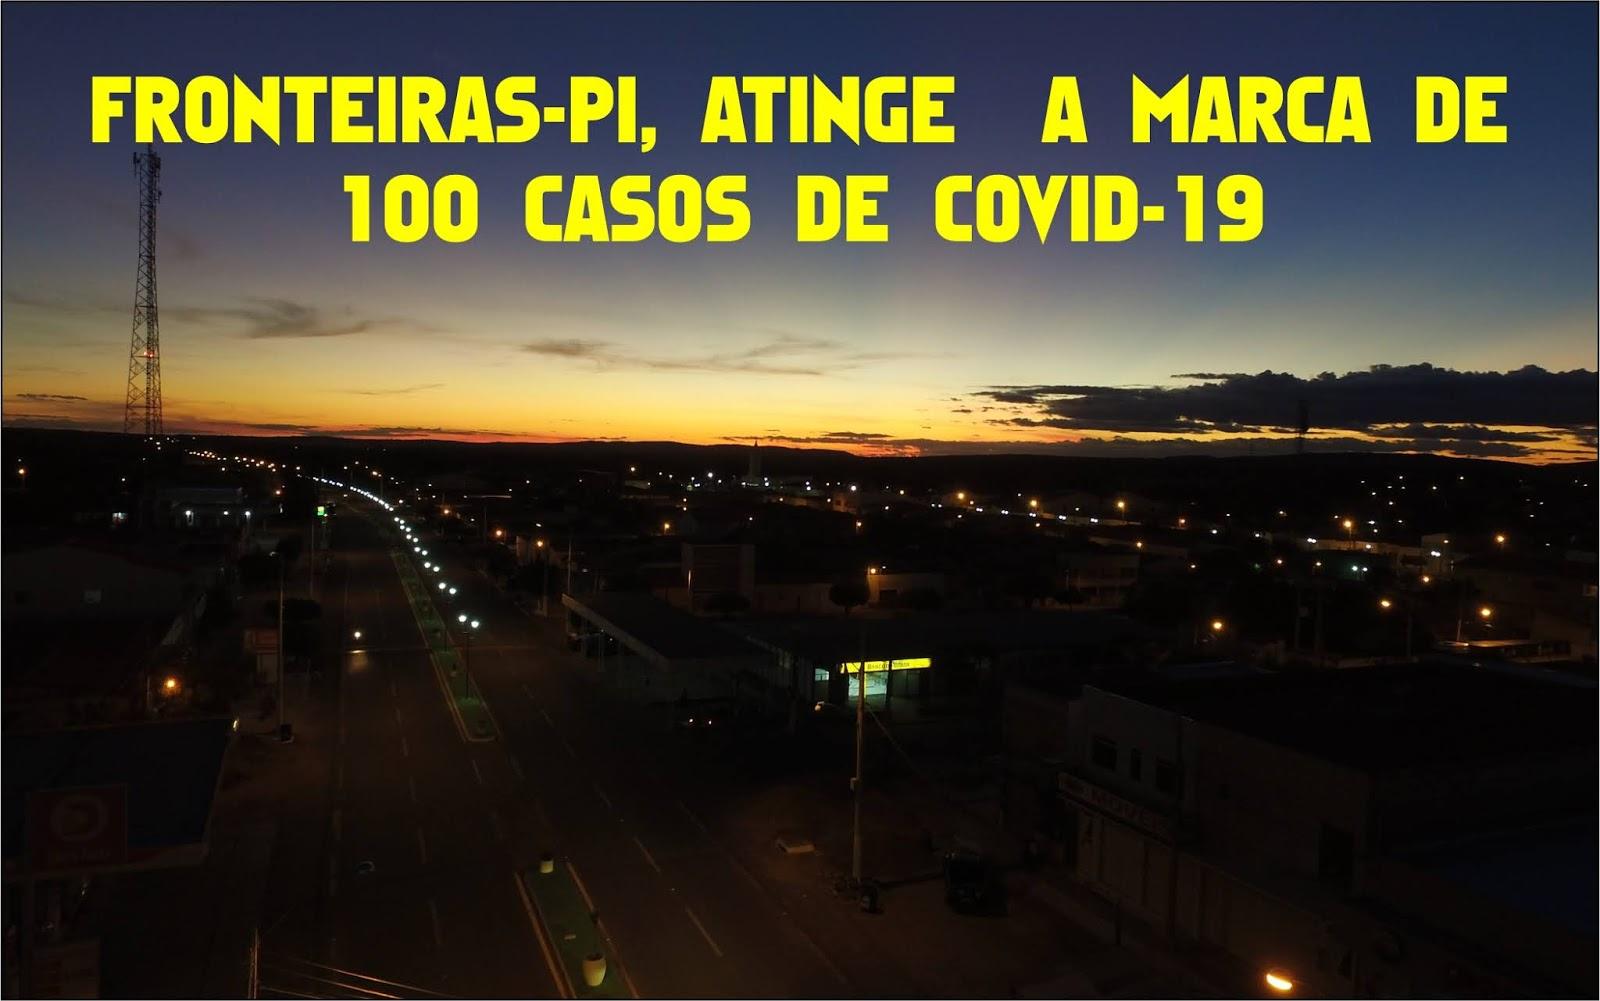 FRONTEIRAS (PI) ATINGE A MARCA DE 100 CASOS DE INFECTADOS POR COVID-19